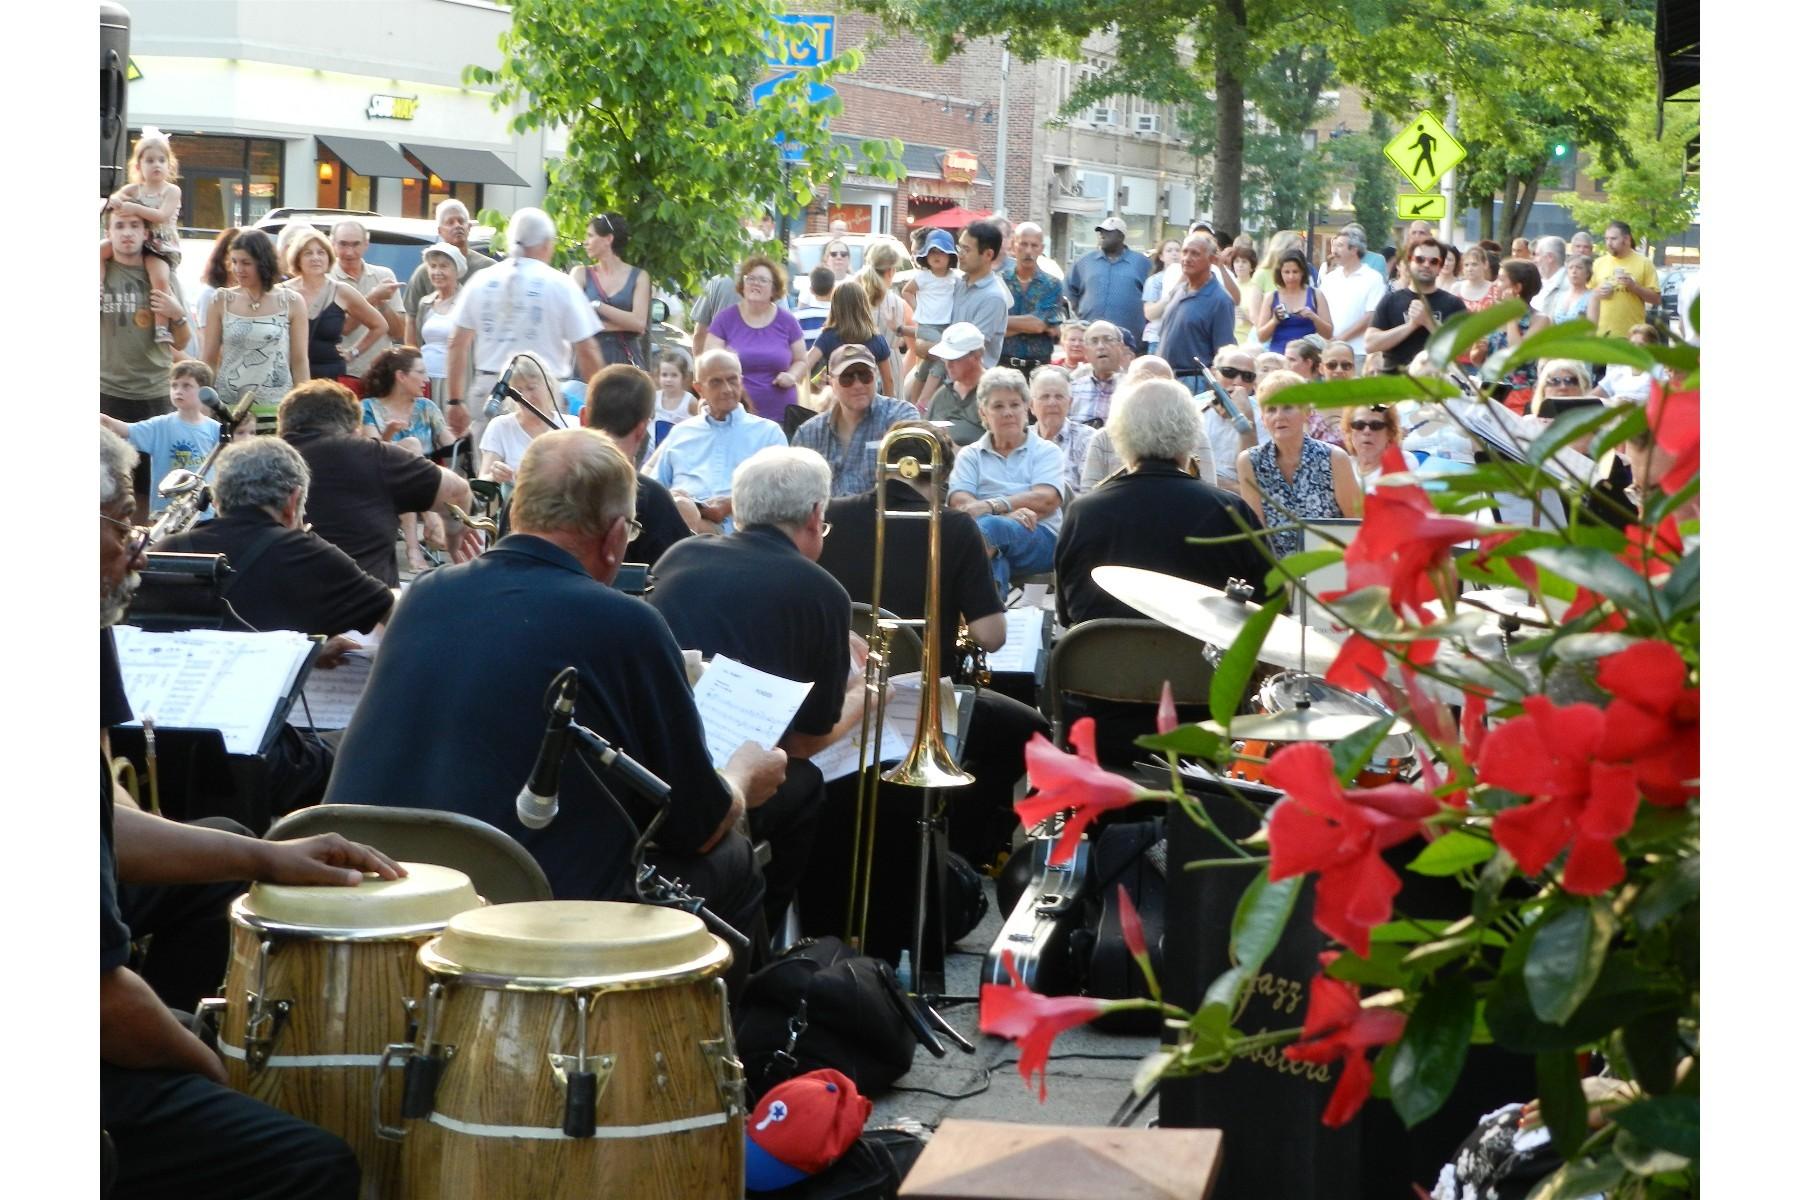 6abc3dd612563c8f6686_jazz_lobsters_entertains_big_crowd.jpg